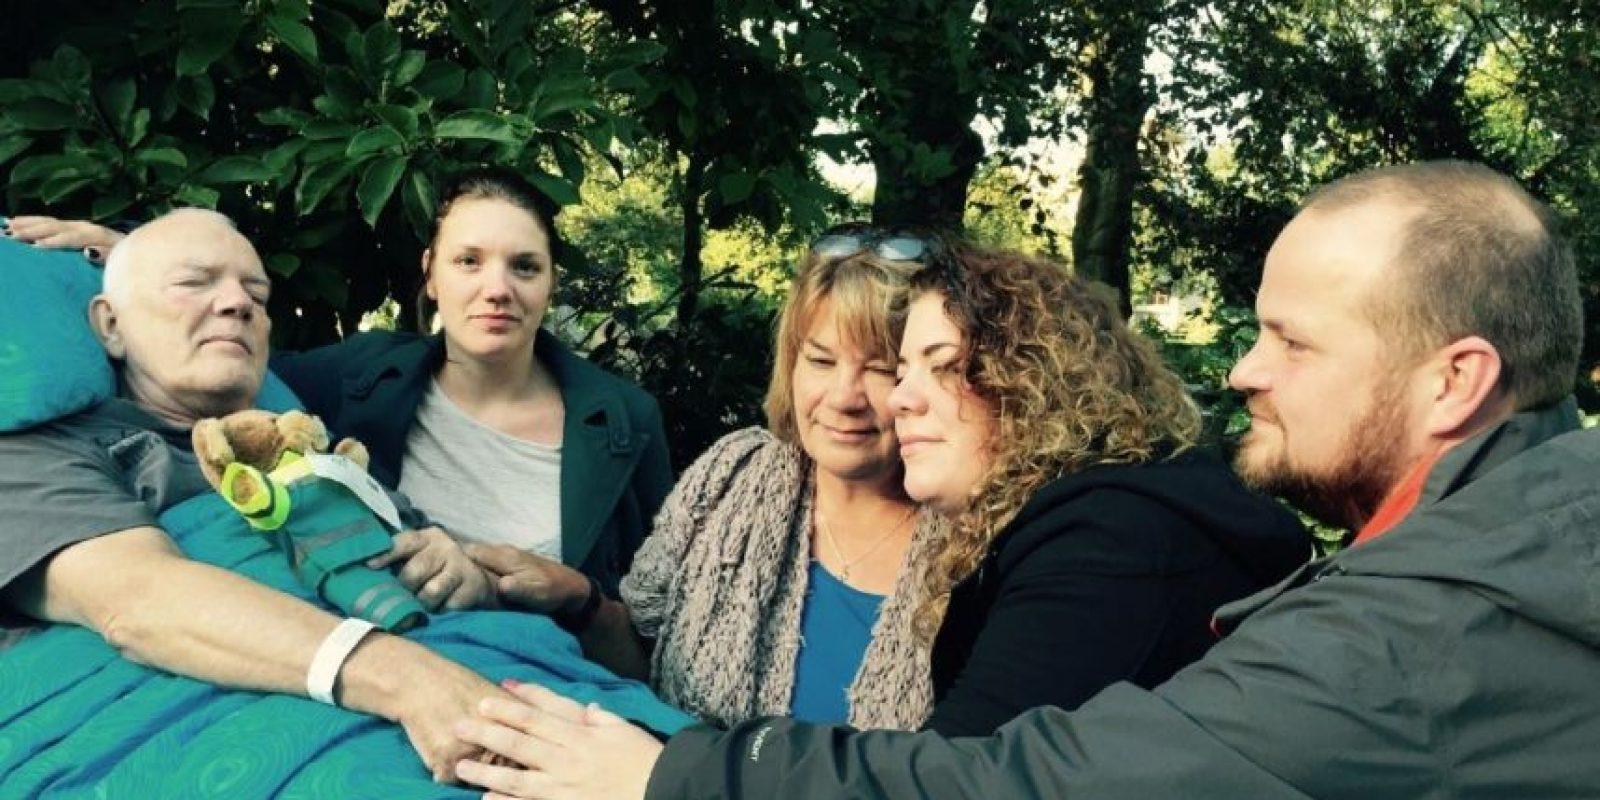 Salir a la calle con su familia. Foto:Vía Facebook.com/wensenrijders